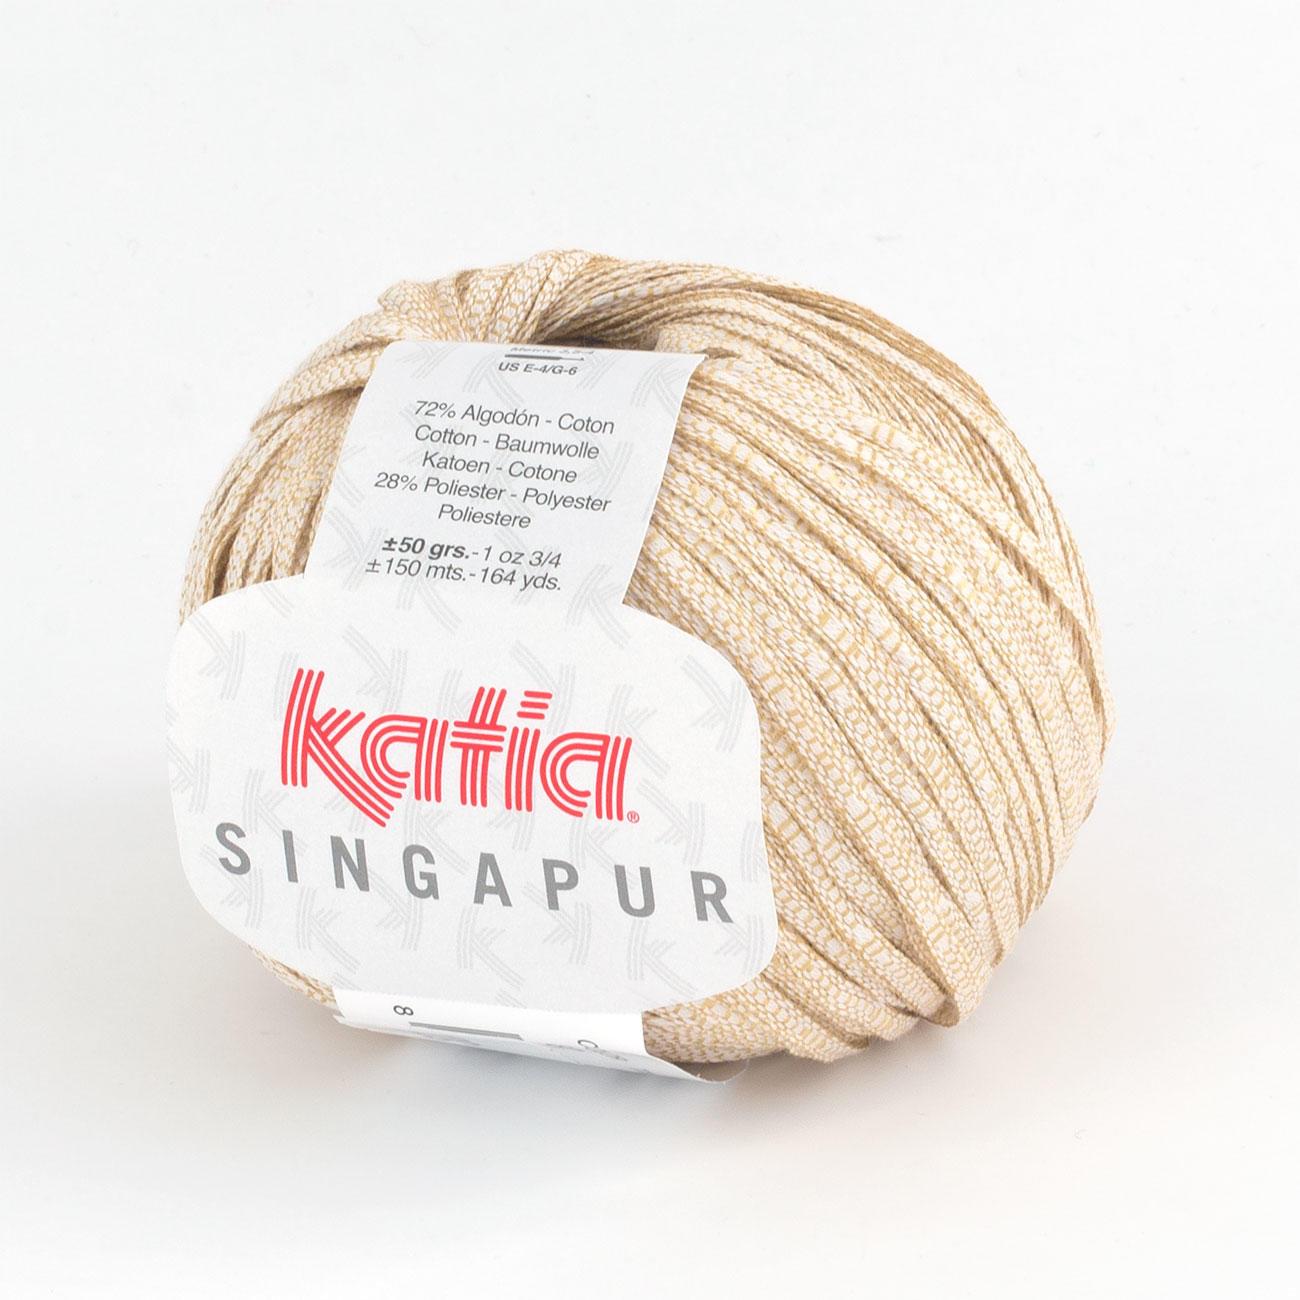 Singapur von Katia, 12 versch. Farben